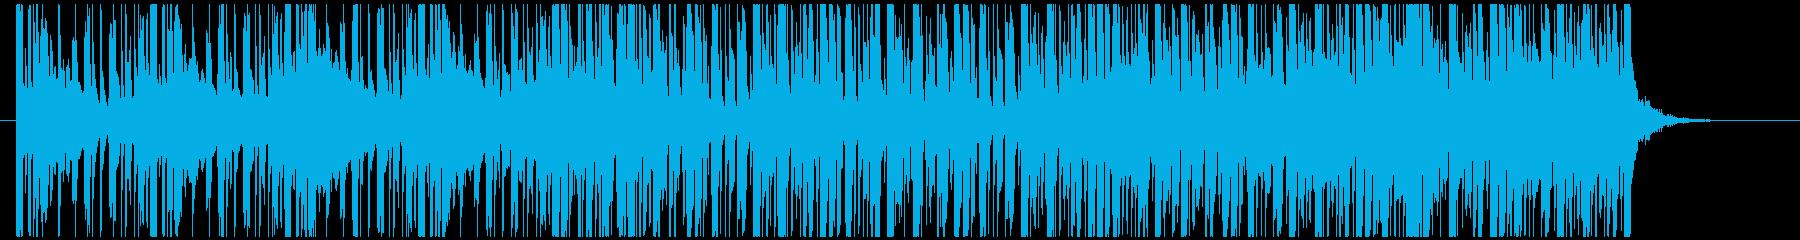 ヴィンテージ感あるフアンク系ジングルの再生済みの波形